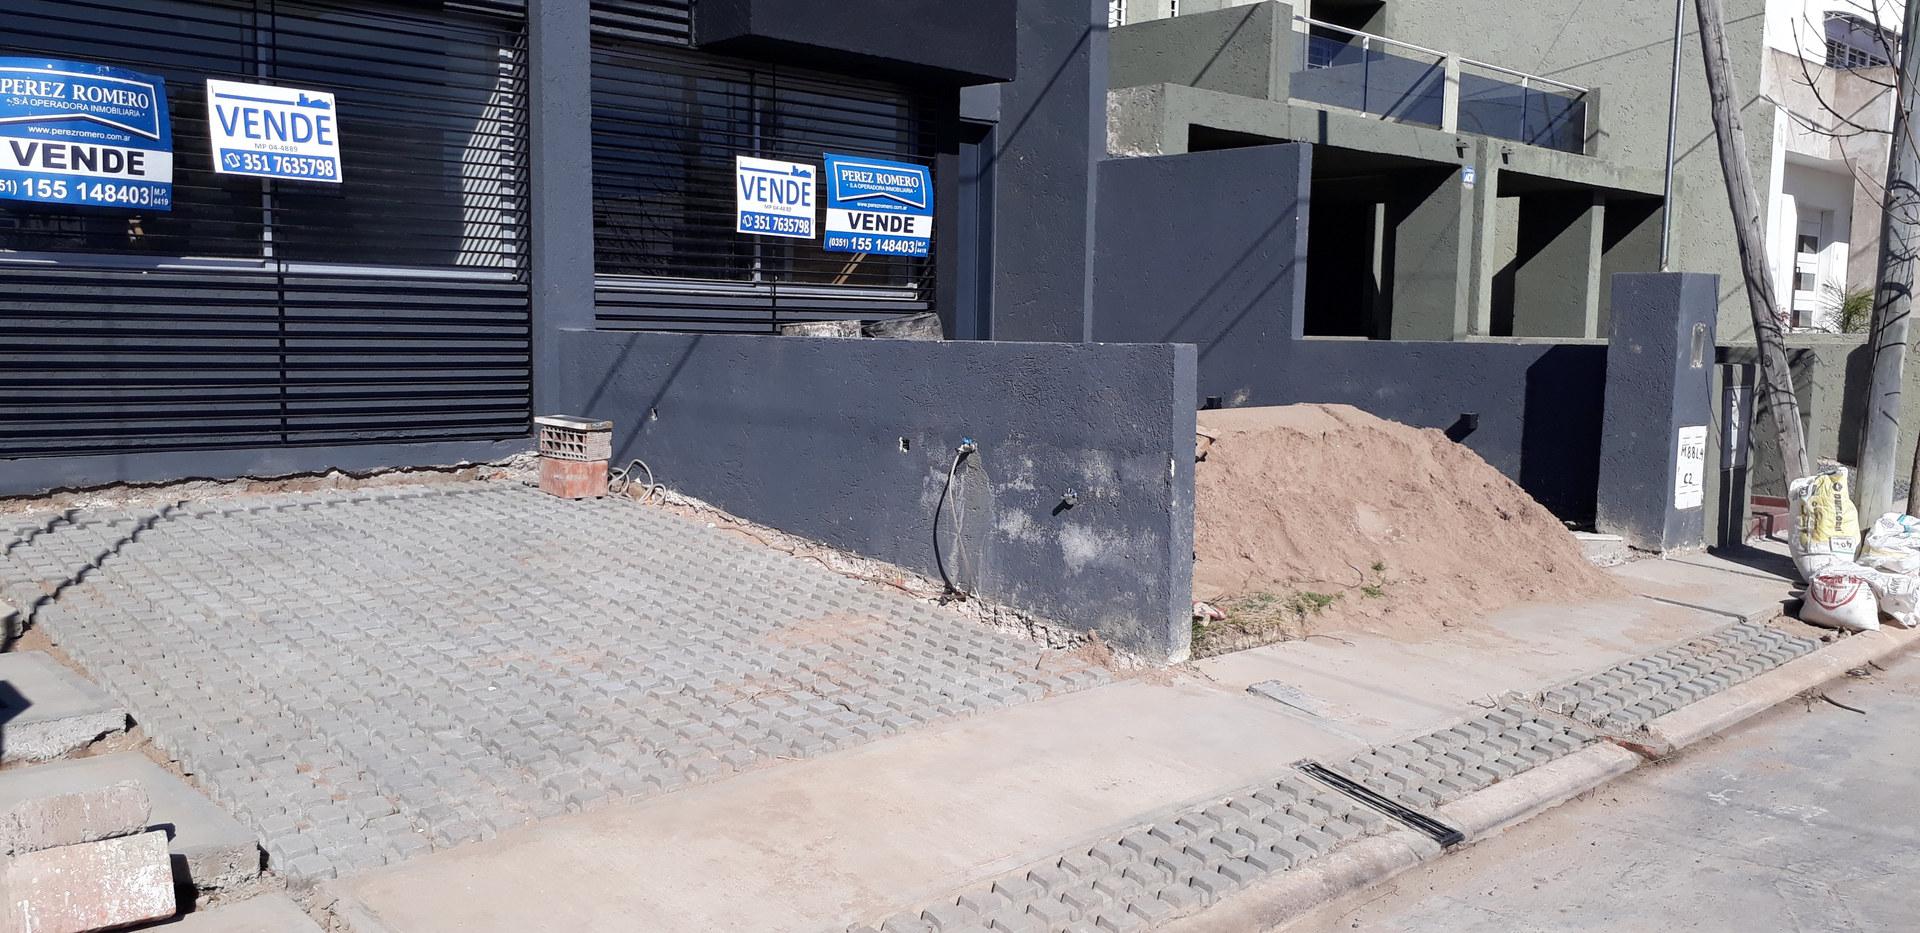 VASSALLO - Loseta Cribada 40x40cm.jpg